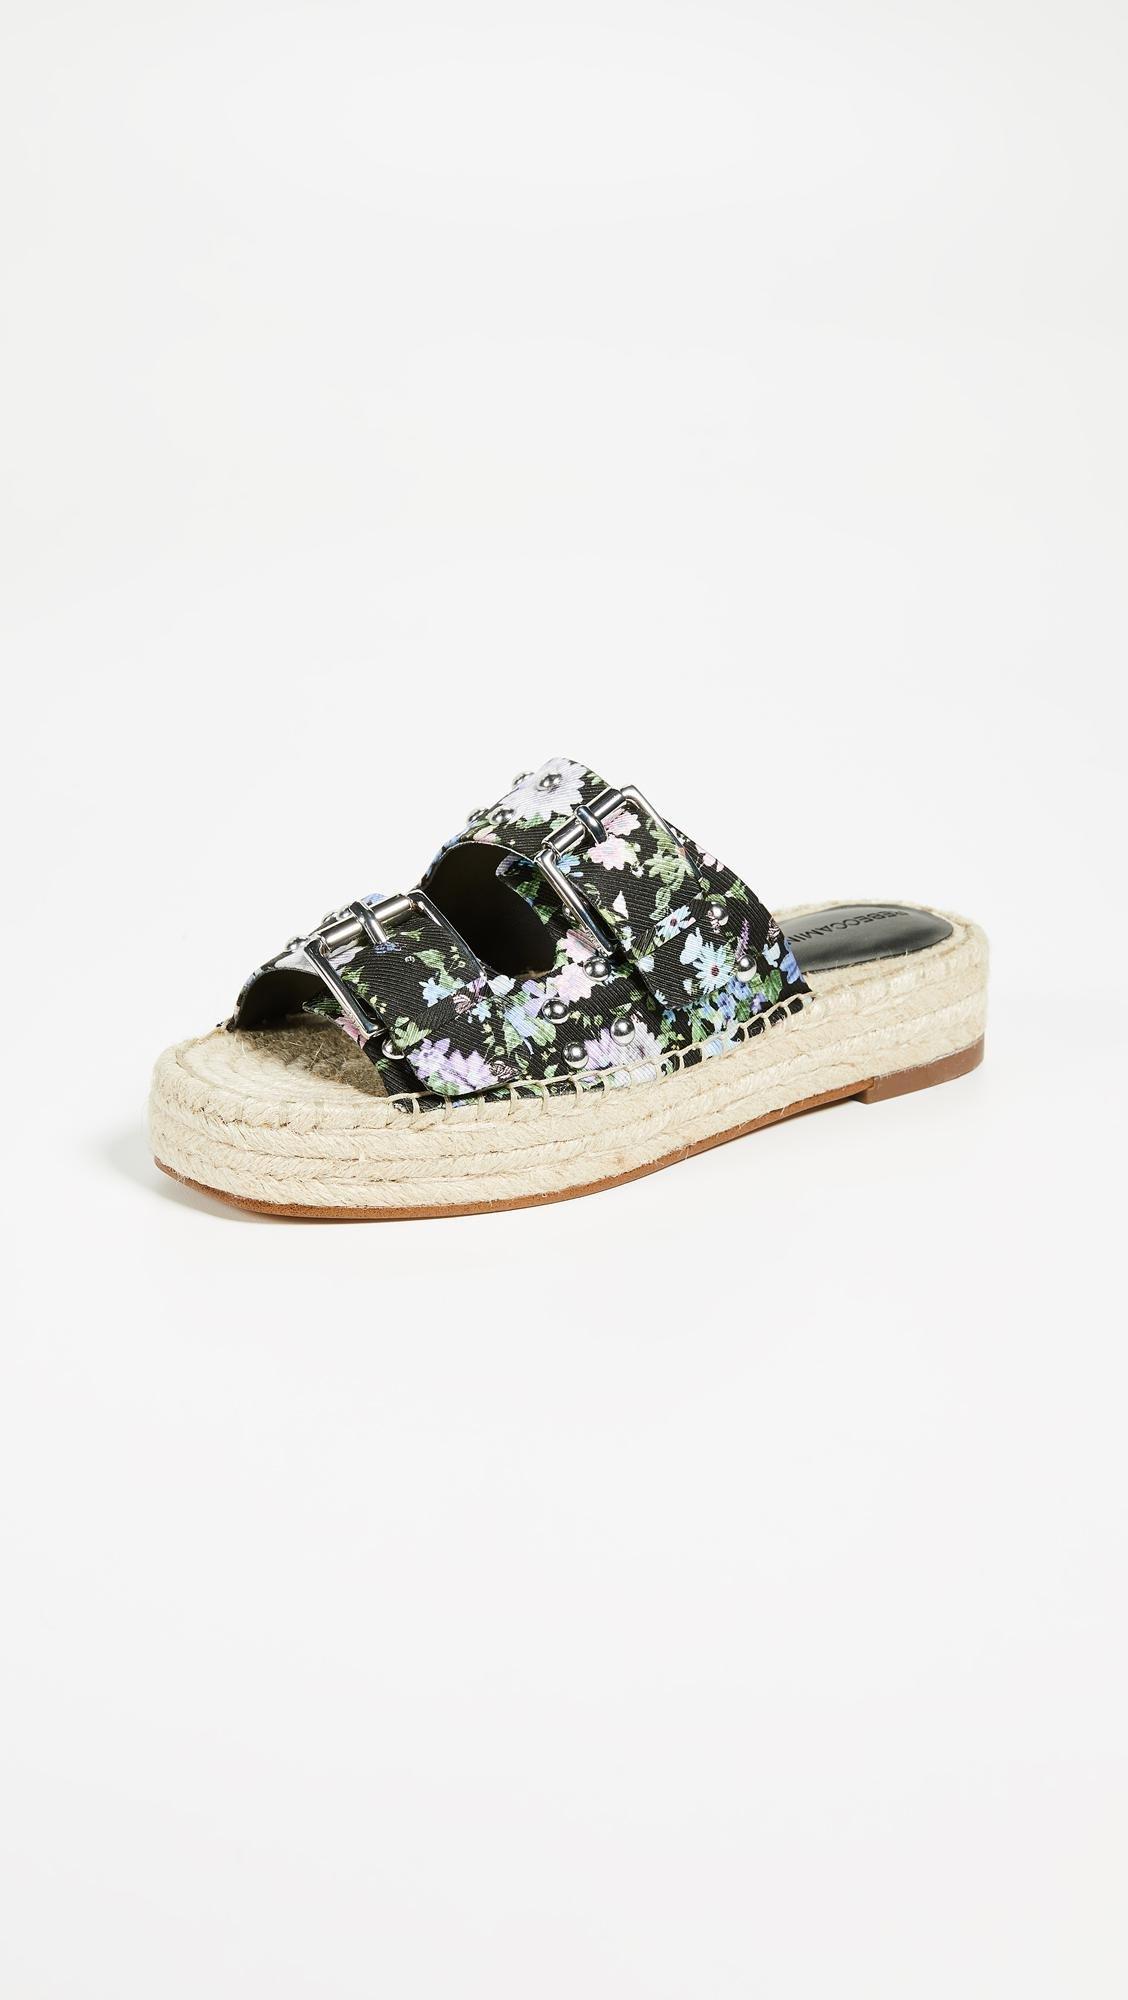 Jodi Double Strap Sandals Rebecca Minkoff vAEuax